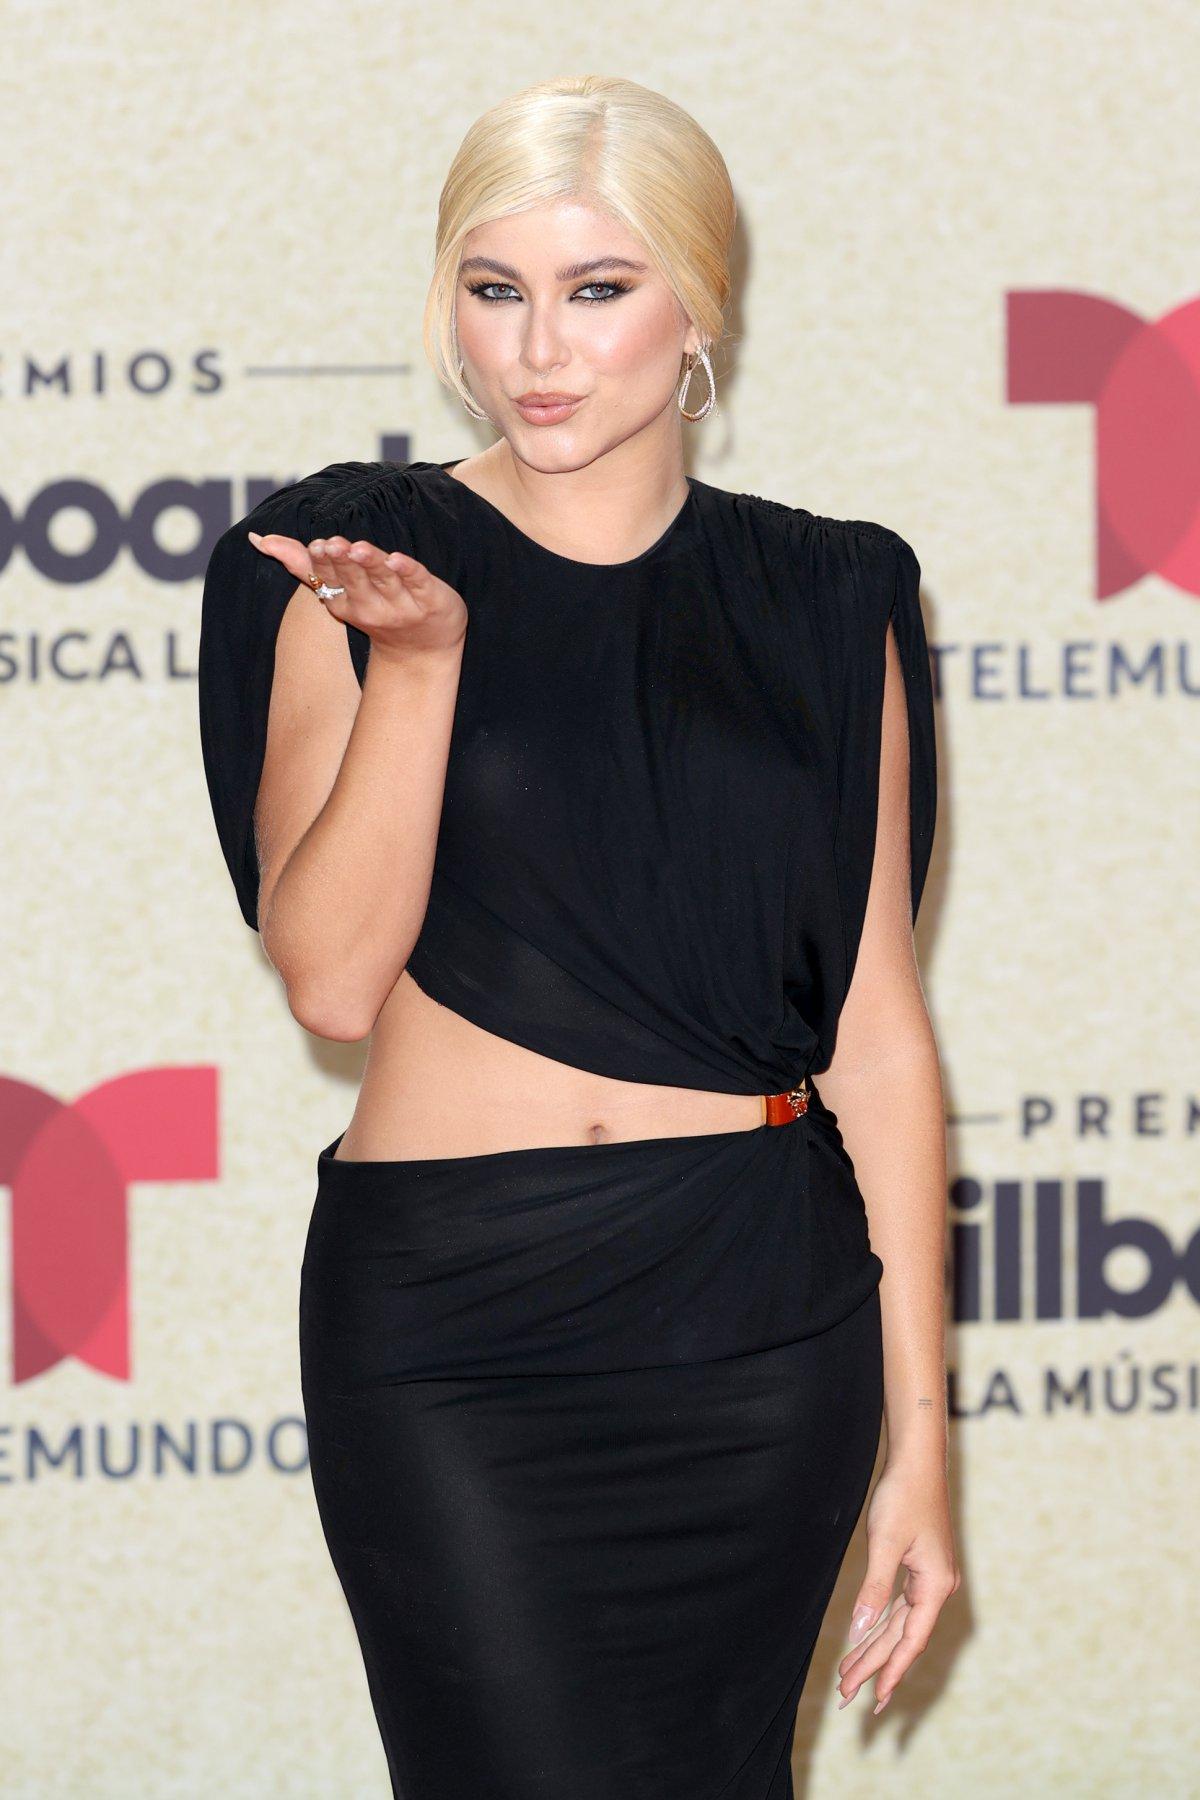 Sofía Reyes, at the Latin Billboard Awards